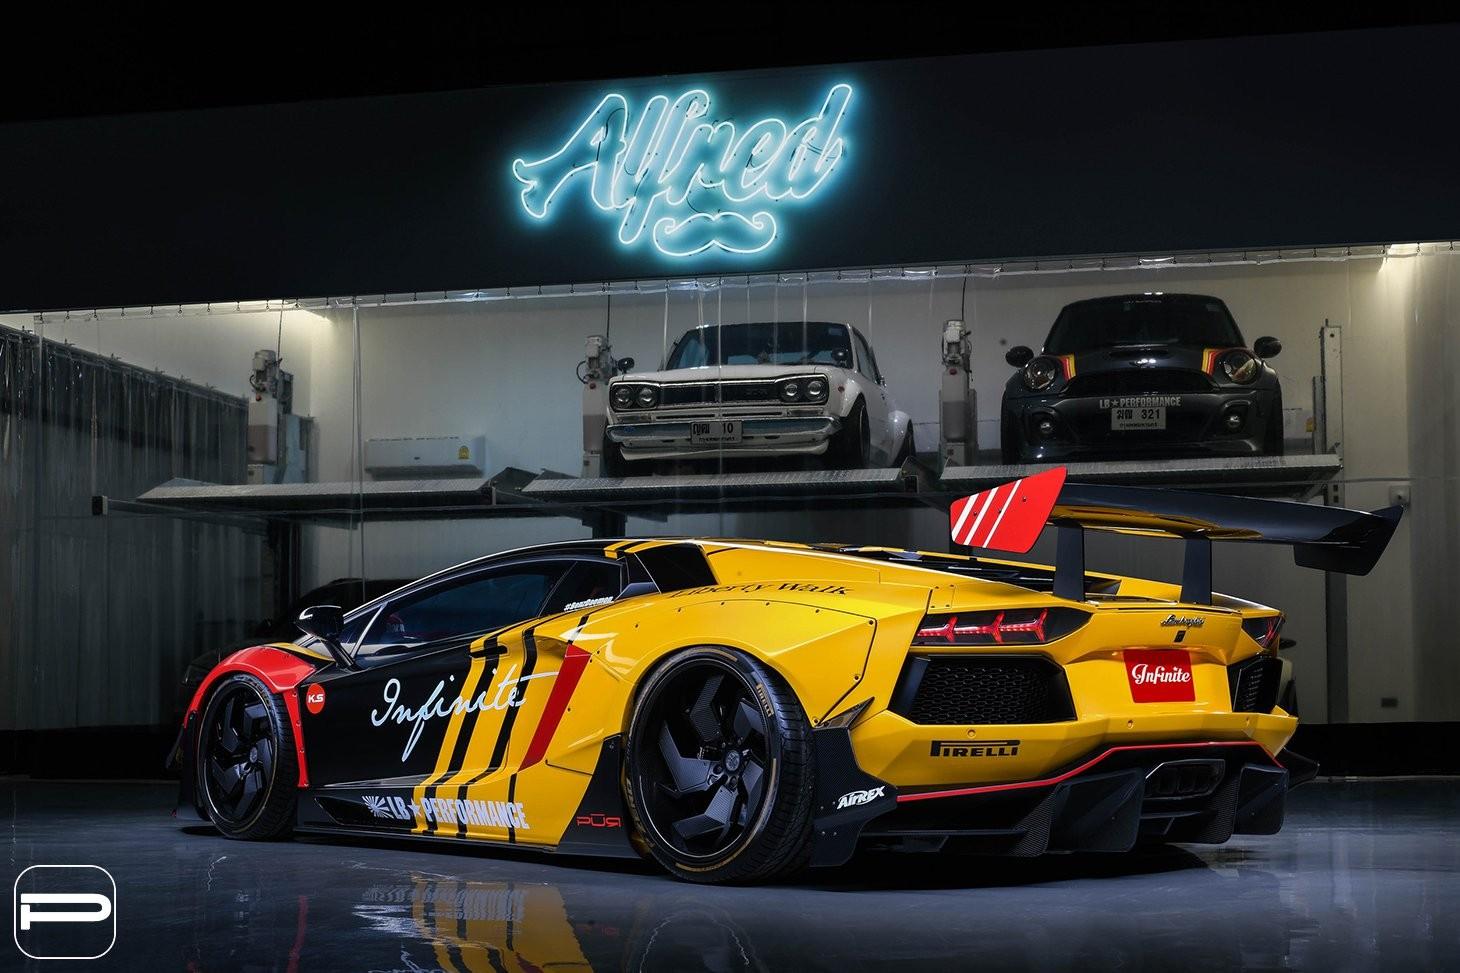 Chiếc Aventador nguyên hãng đã nhận rất nhiều trang bị độ ngoại thất